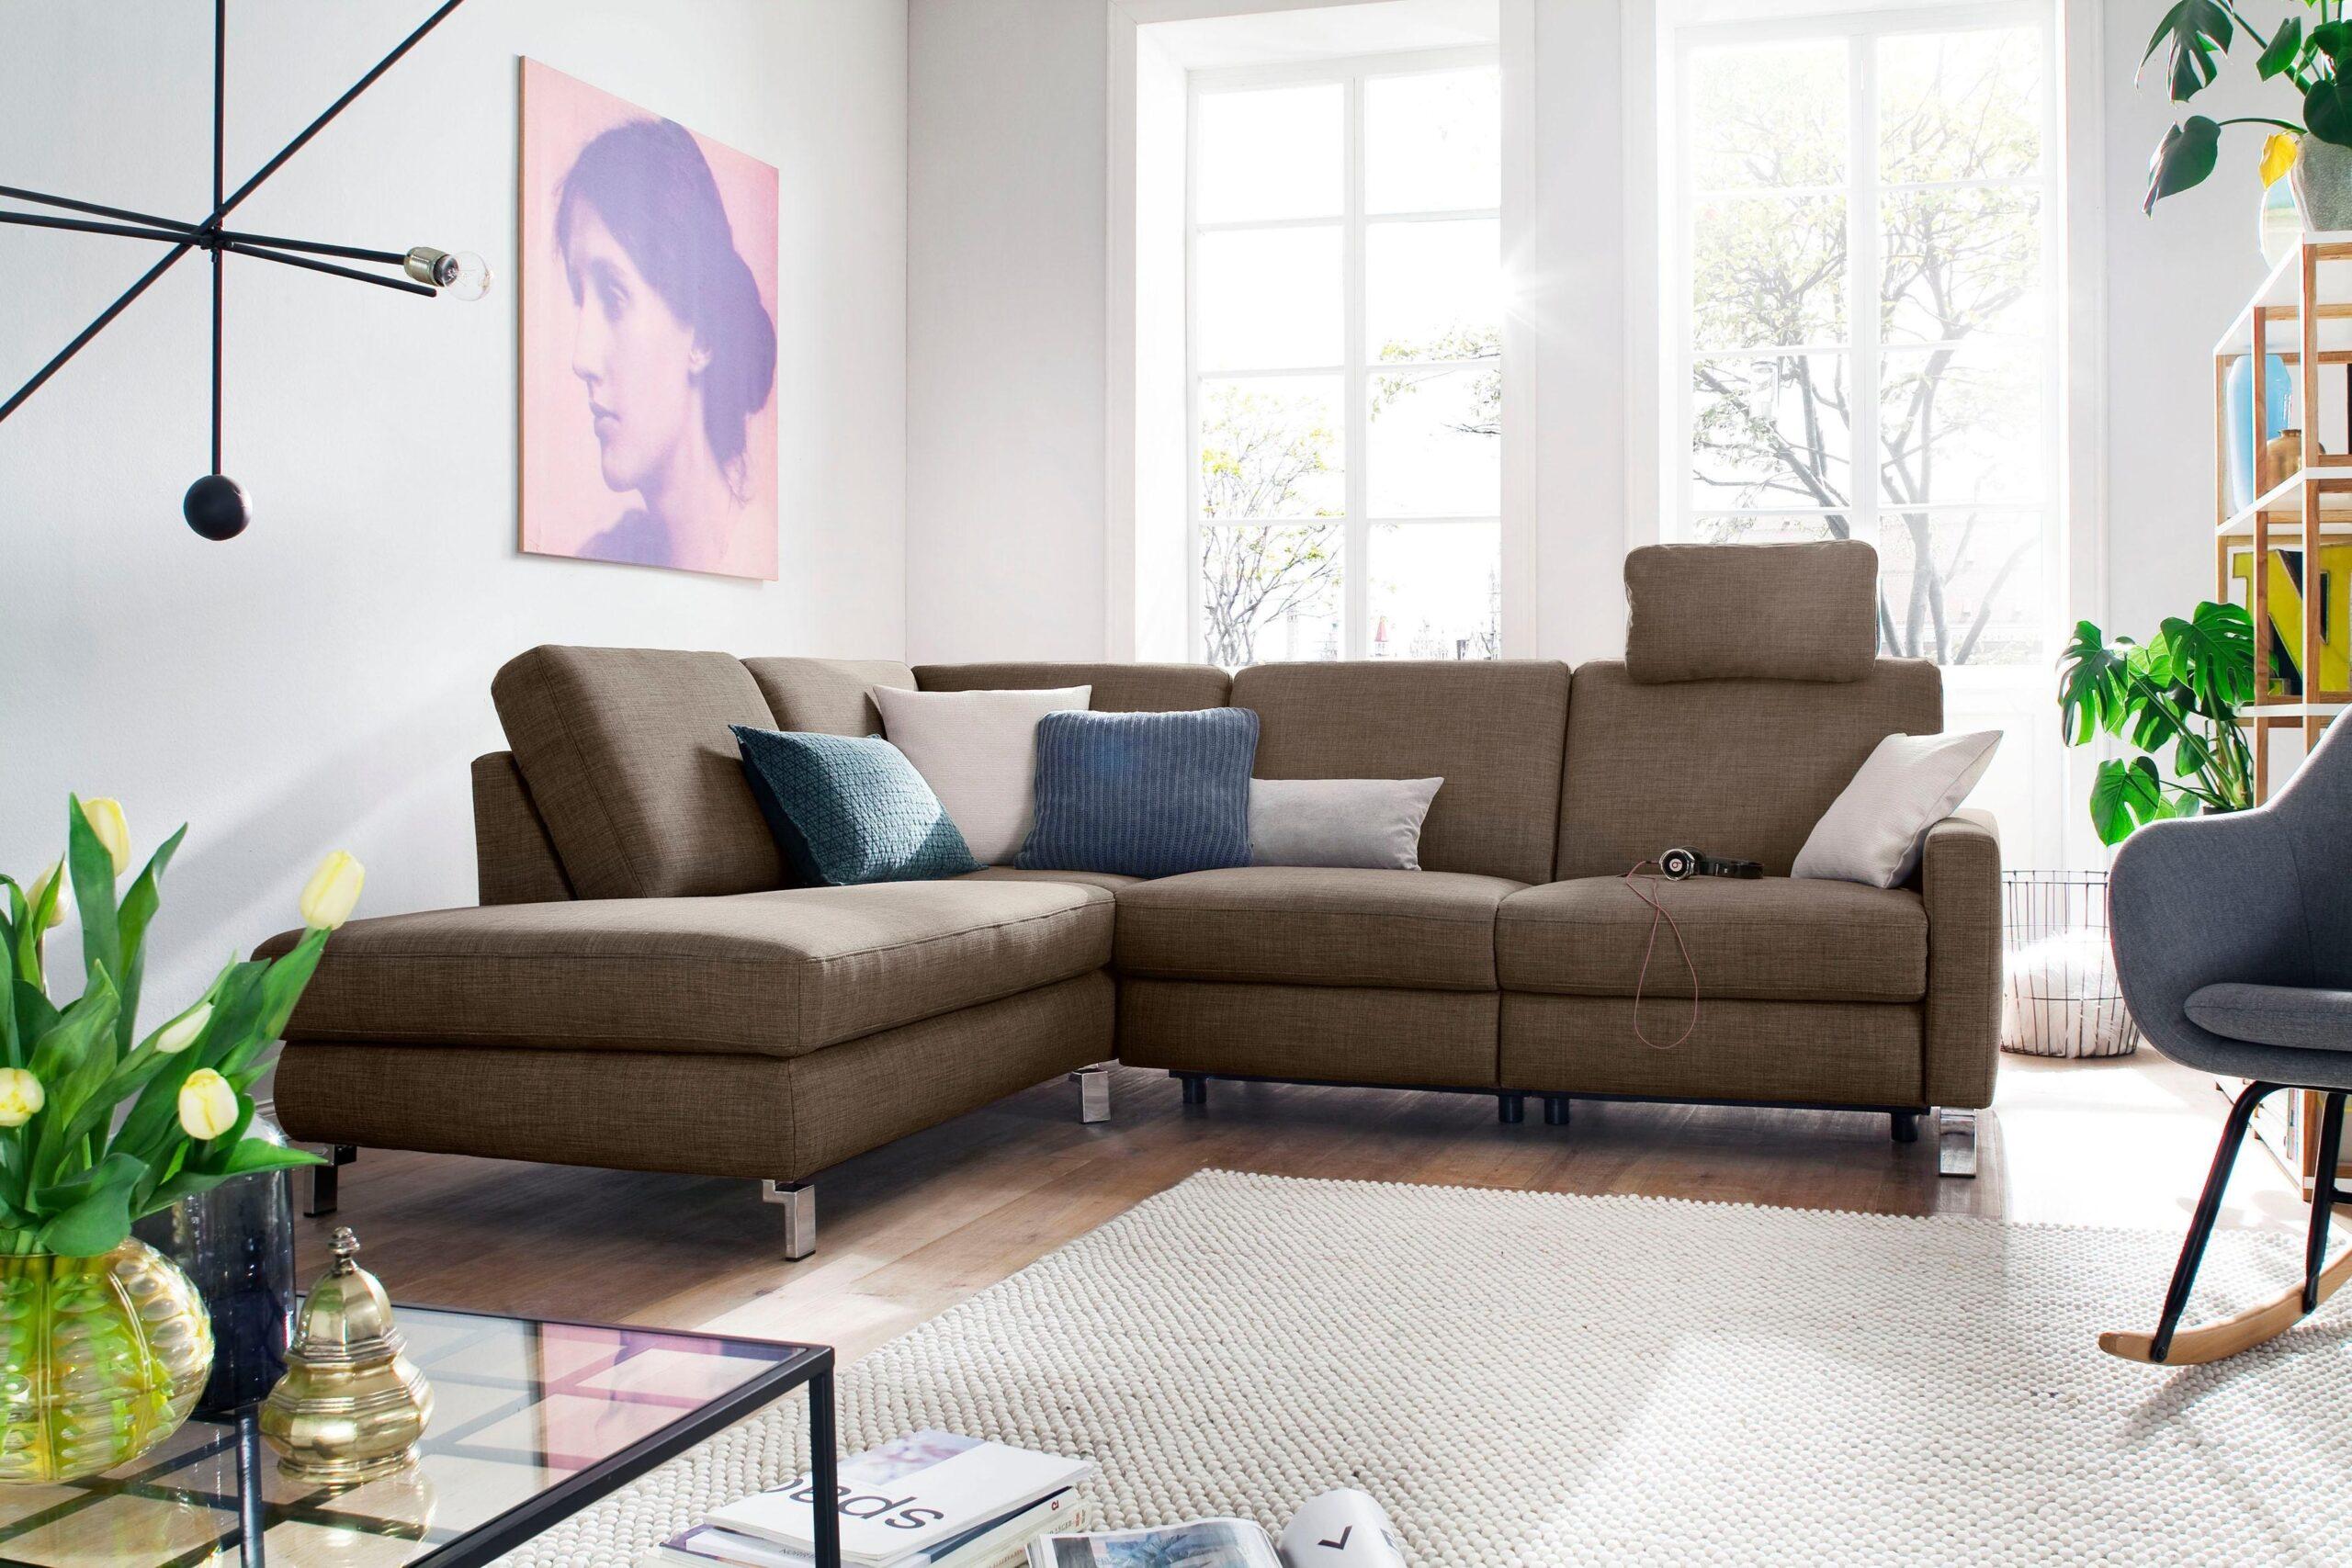 Full Size of Sofa Mit Relaxfunktion Elektrisch Couch Verstellbar Test 3er Elektrischer Elektrische Leder Ecksofa 2 Sitzer 3 Sitztiefenverstellung 2er Delavita Mainau Baur Sofa Sofa Mit Relaxfunktion Elektrisch